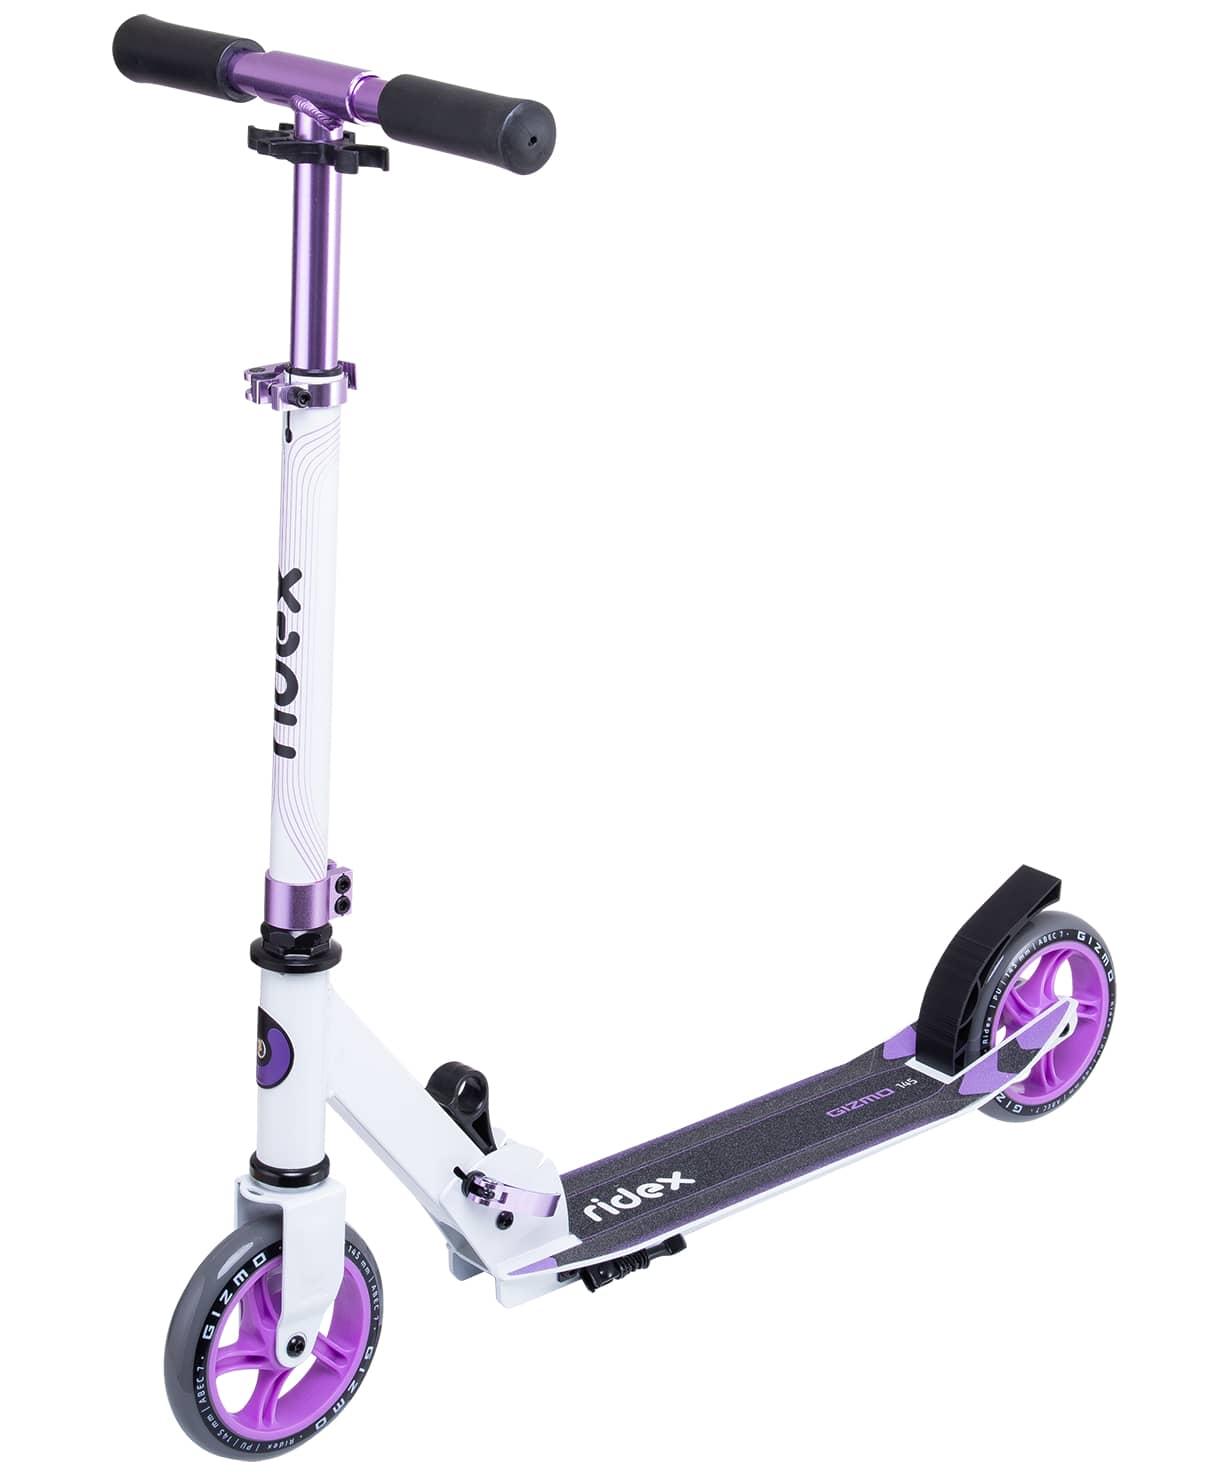 Купить Самокат 2-колесный Ridex Gizmo d145 мм, фиолетовый,